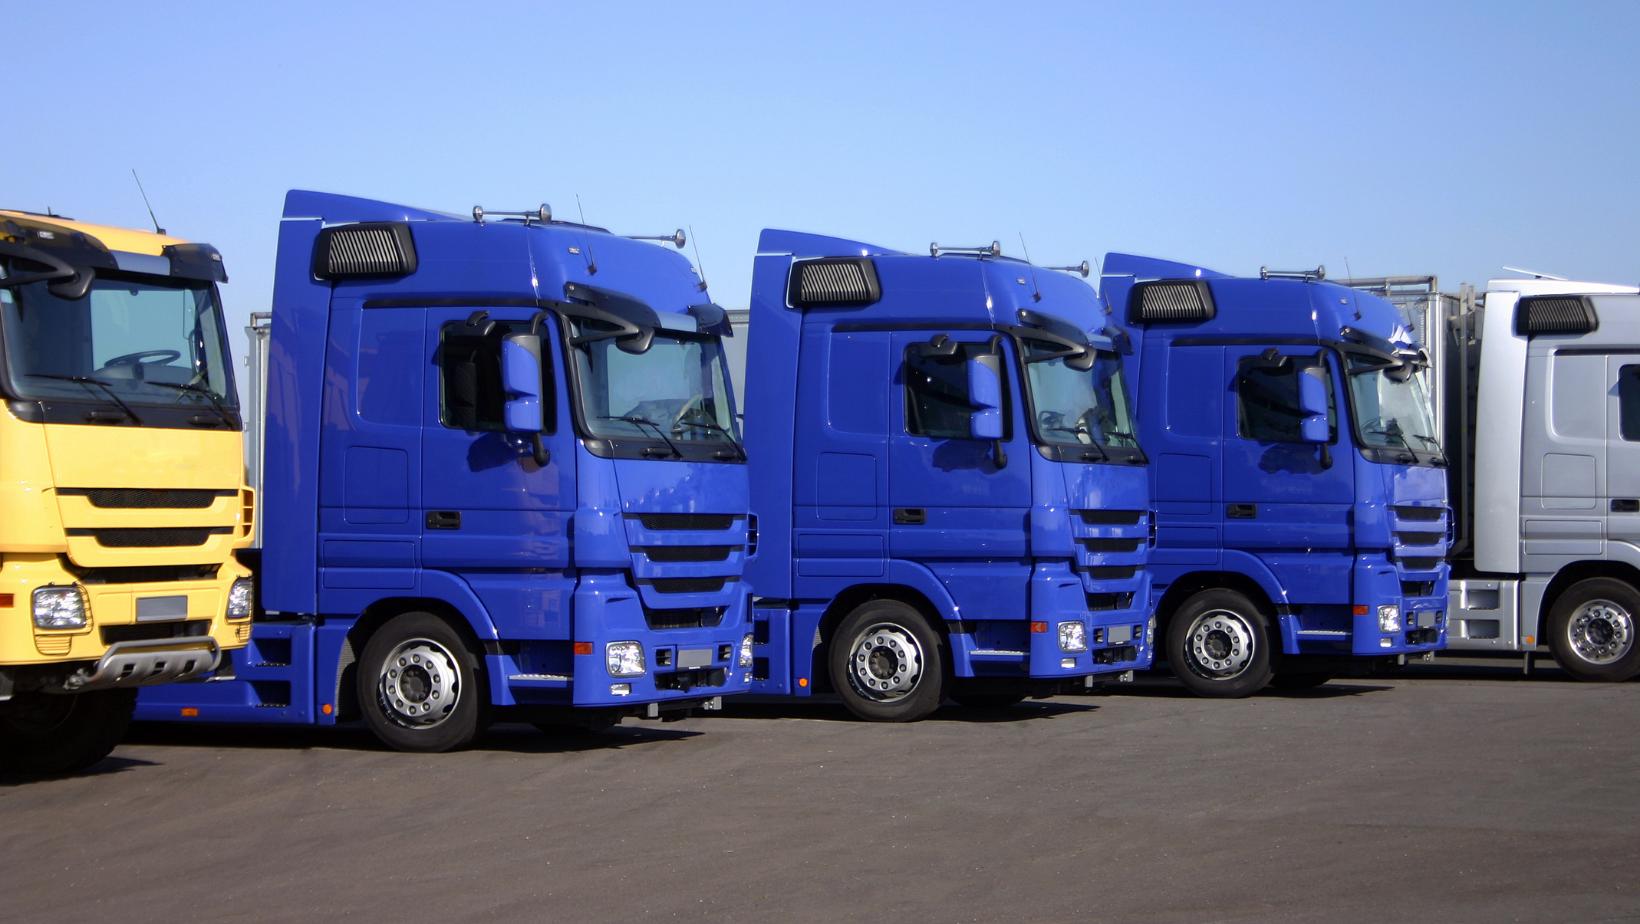 ANAF desființează o decizie de impunere de 5 milioane de euro în cazul unei firme de transport, în urma reconsiderării diurnei ca venit de natură salarială